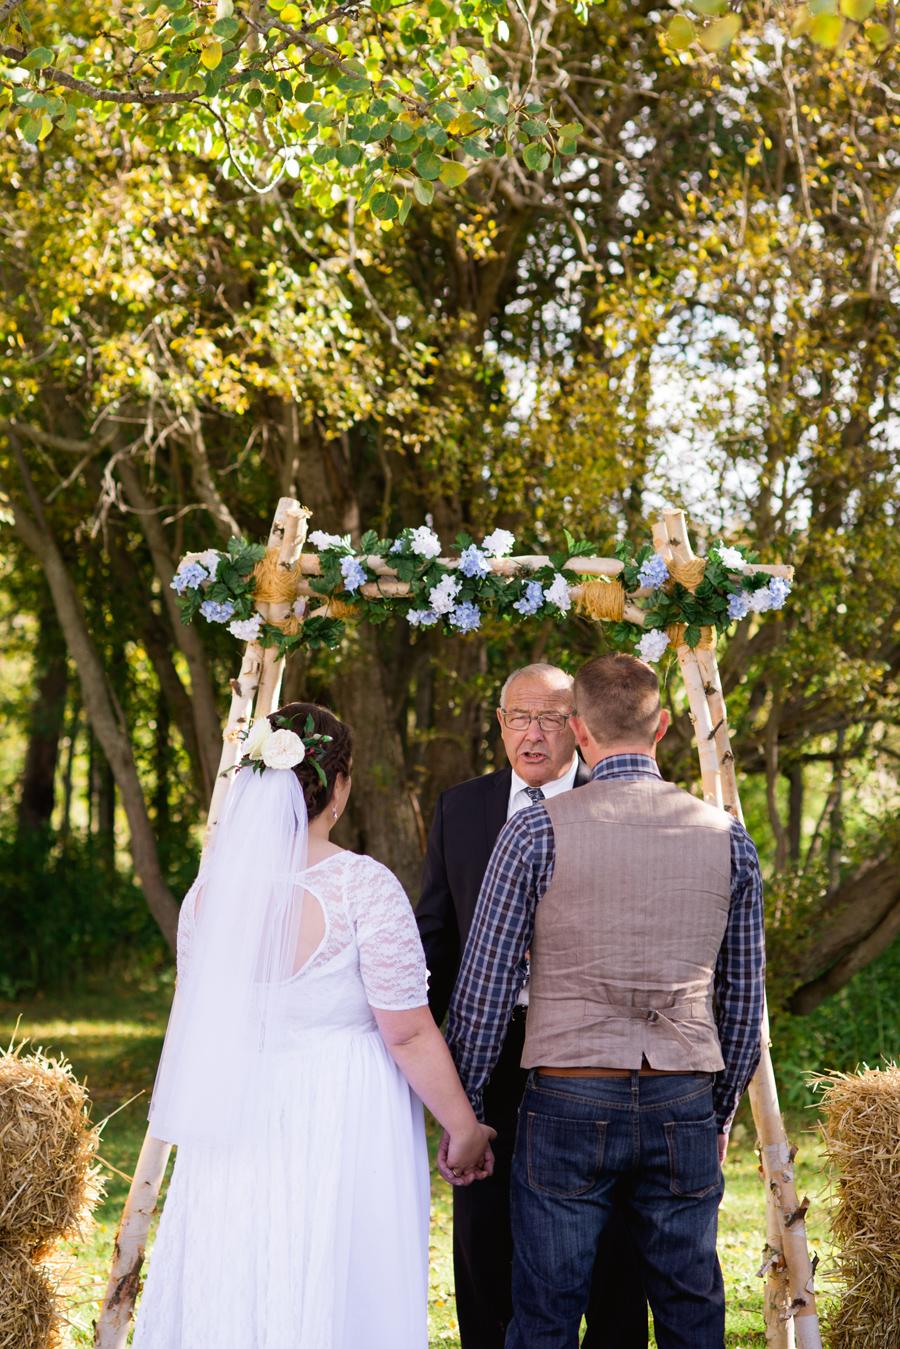 bbcollective_yeg_2016_dawniaandjeffrey_wedding_photography052.jpg